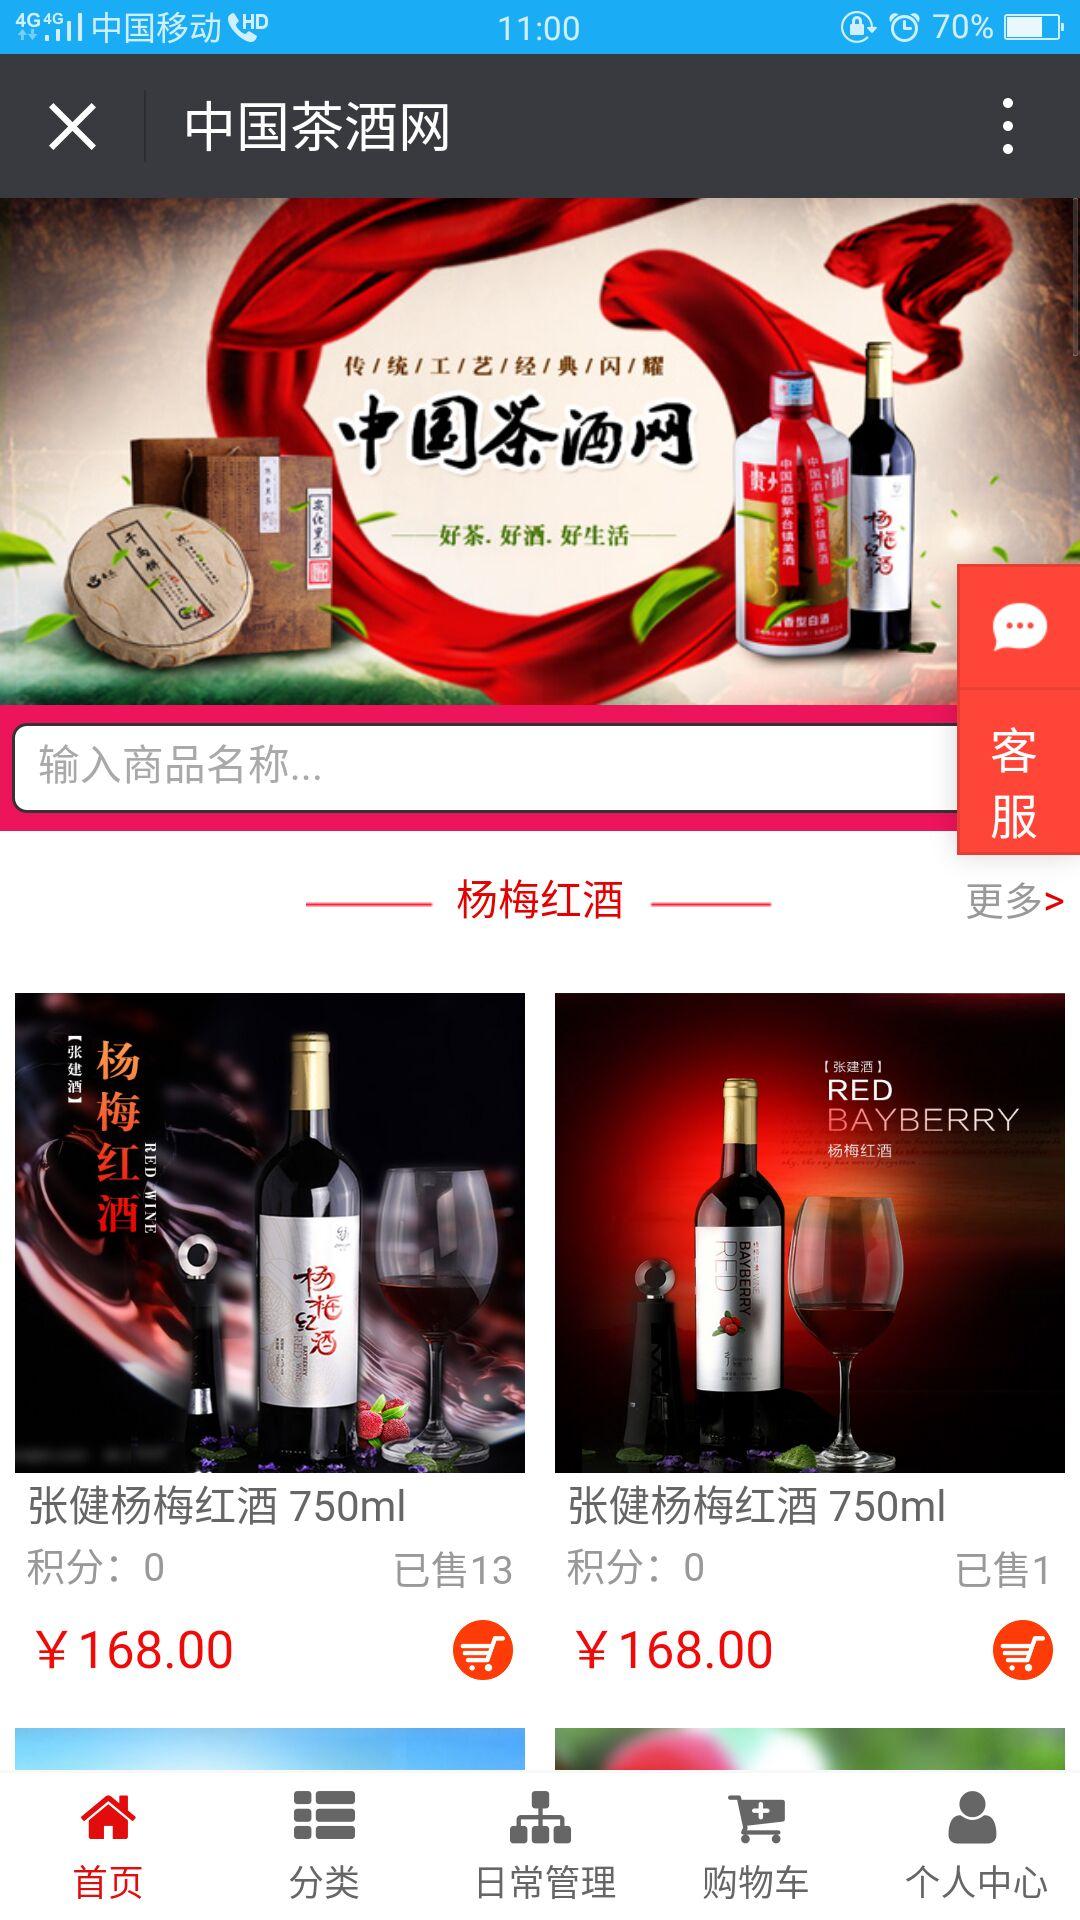 微信三级分销系统案例展示_酒茶